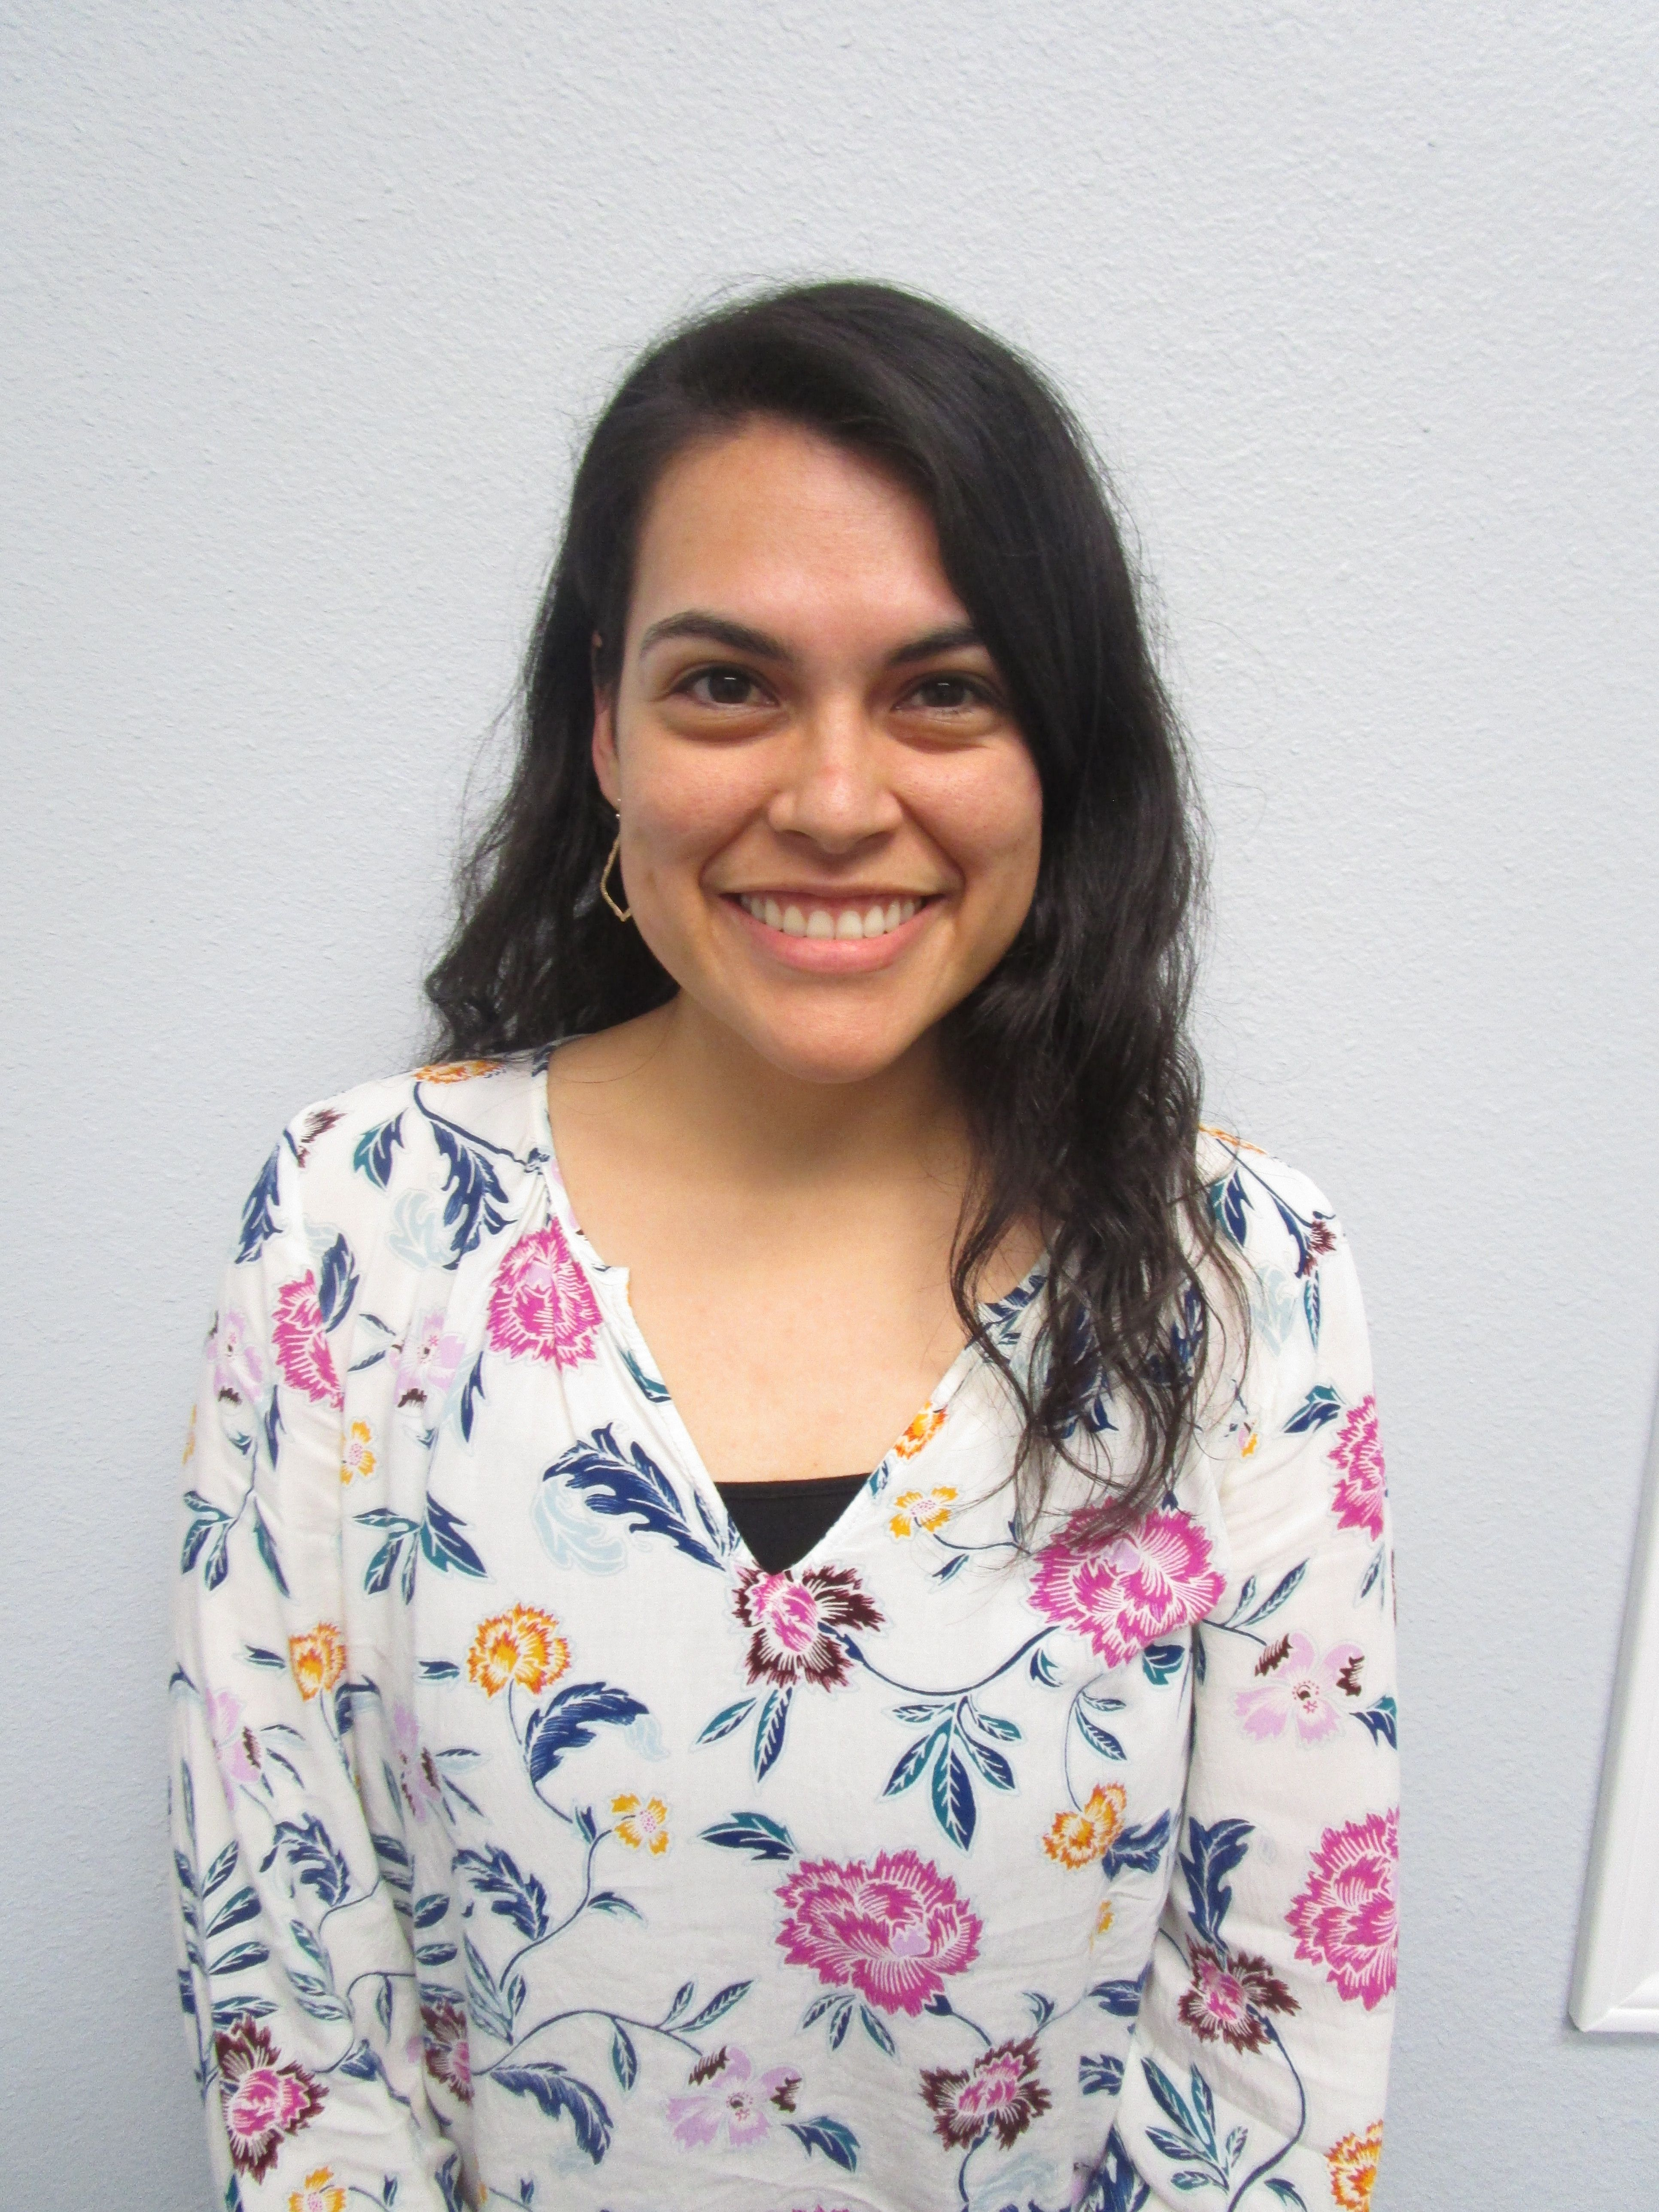 Ysabella Castillo